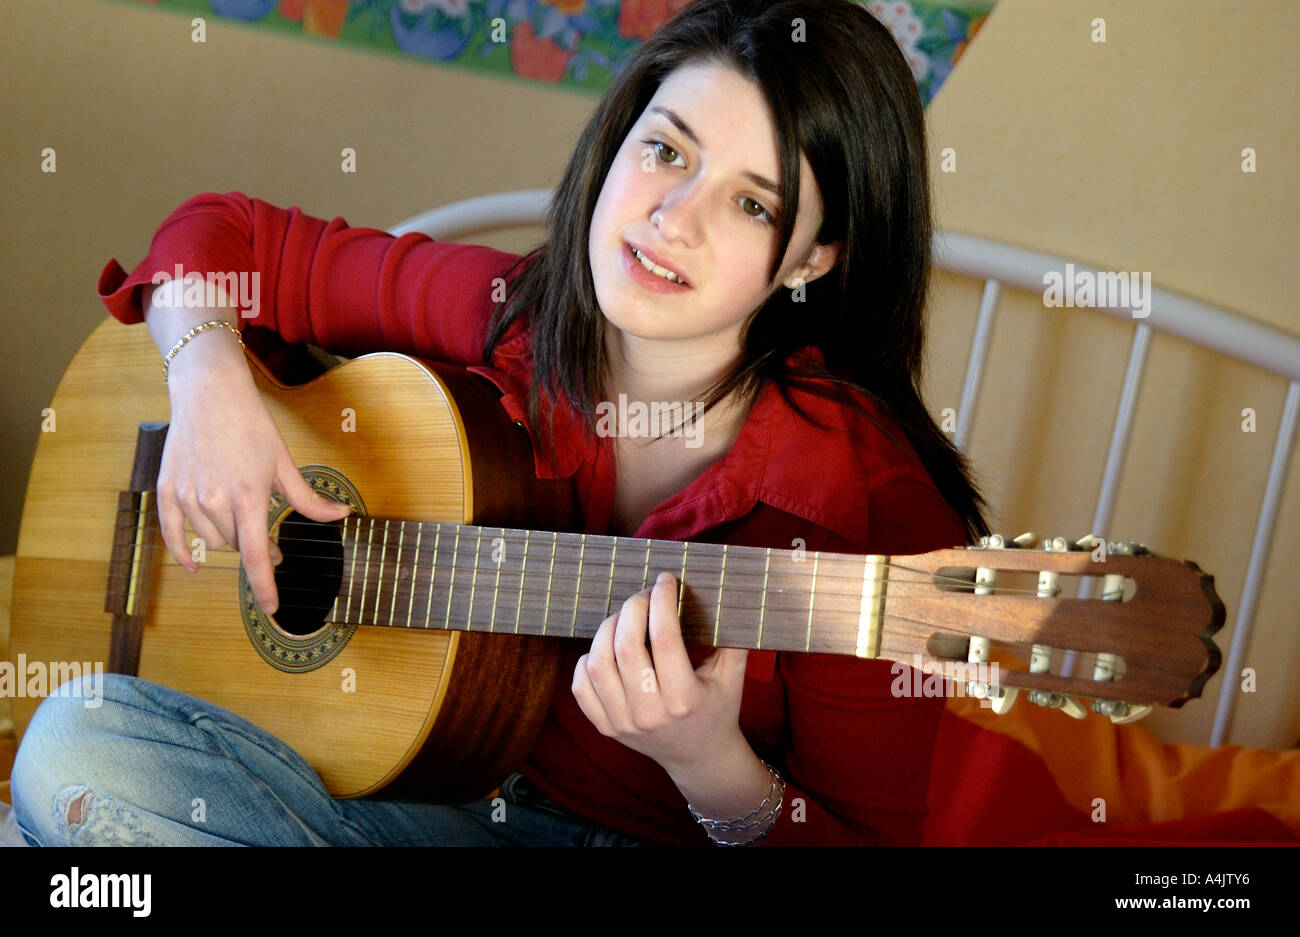 Guitars for teen girls